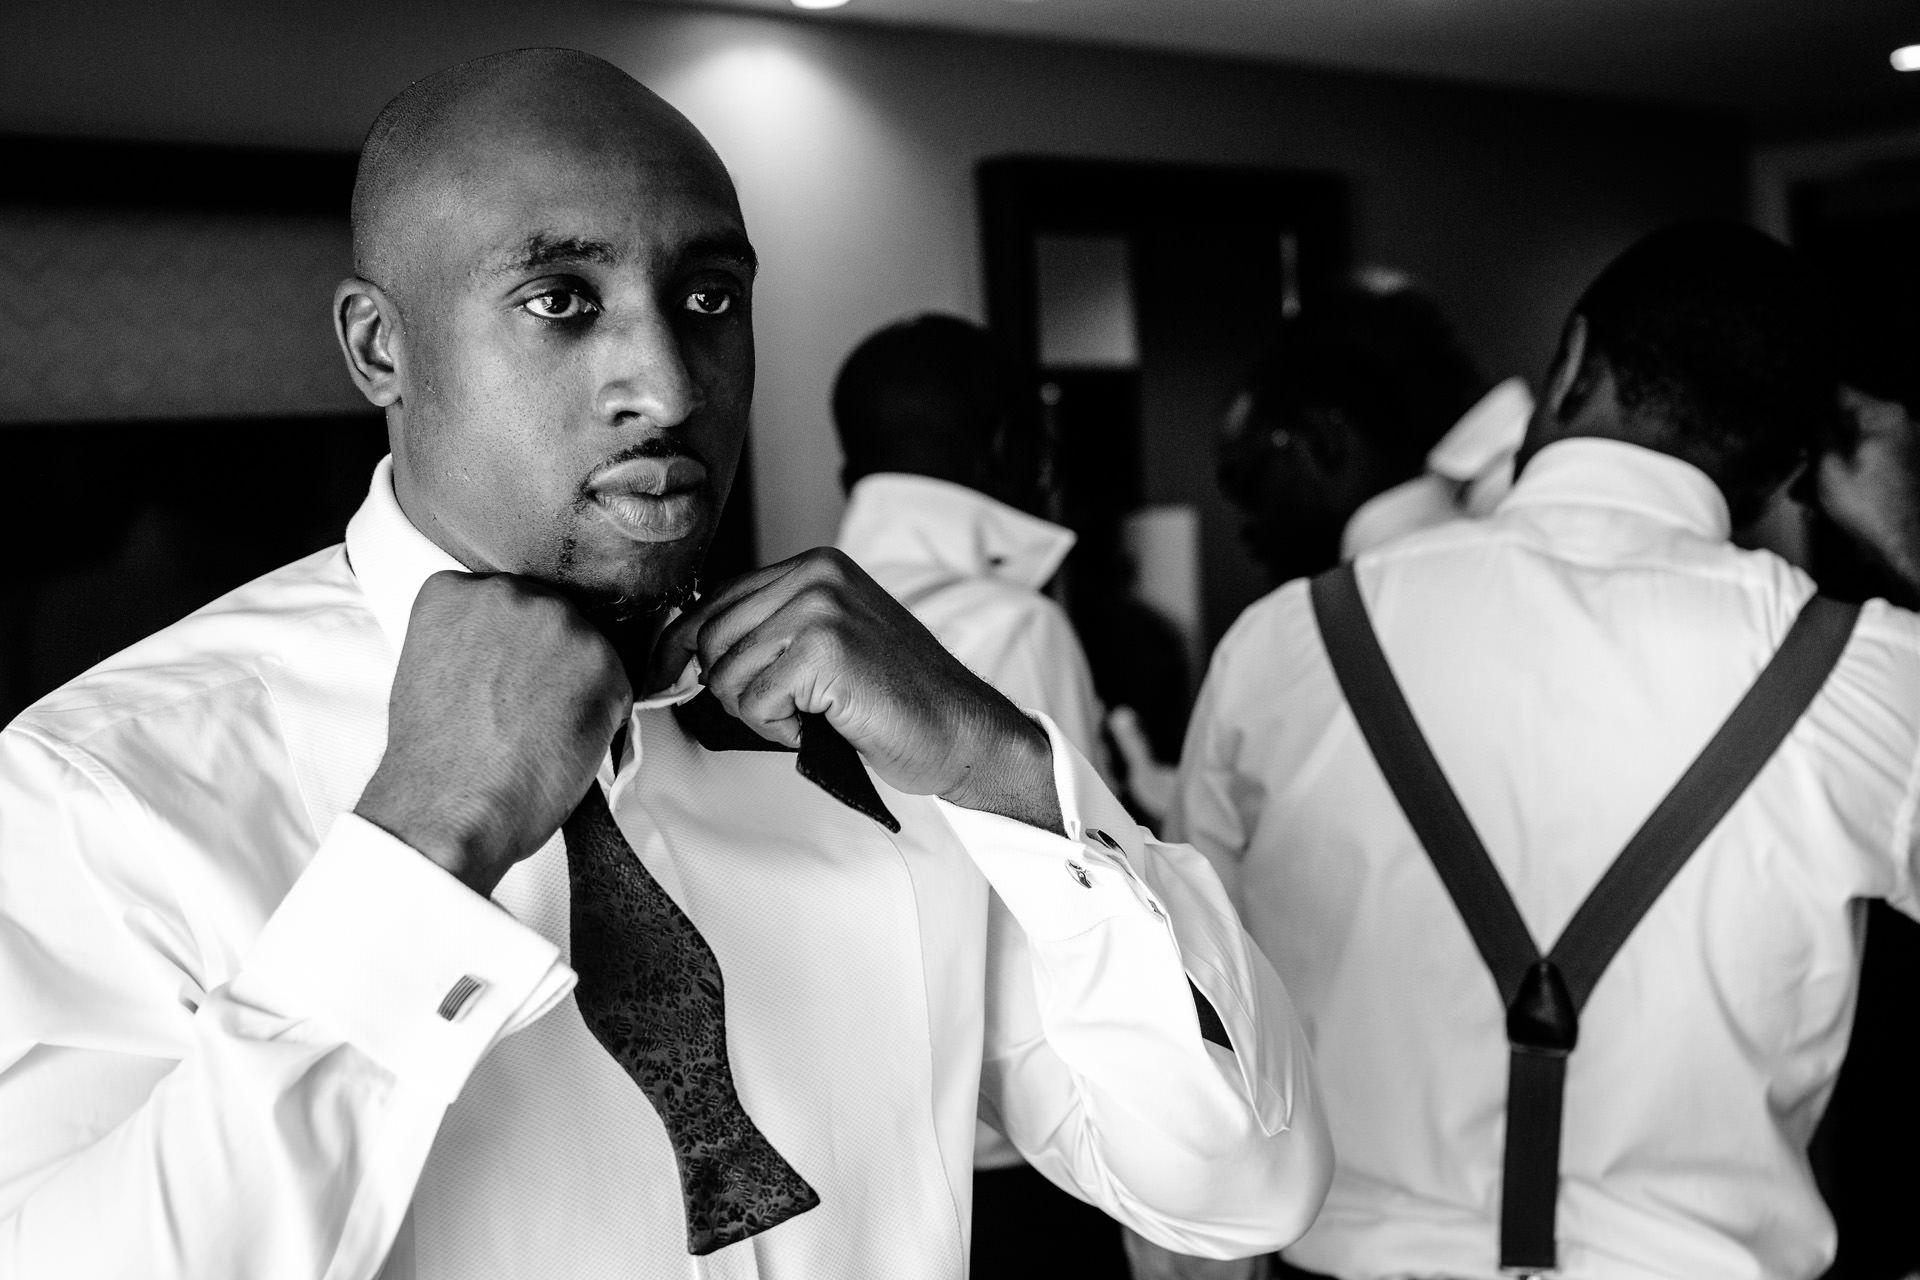 Nigerian wedding groom fixing his tie